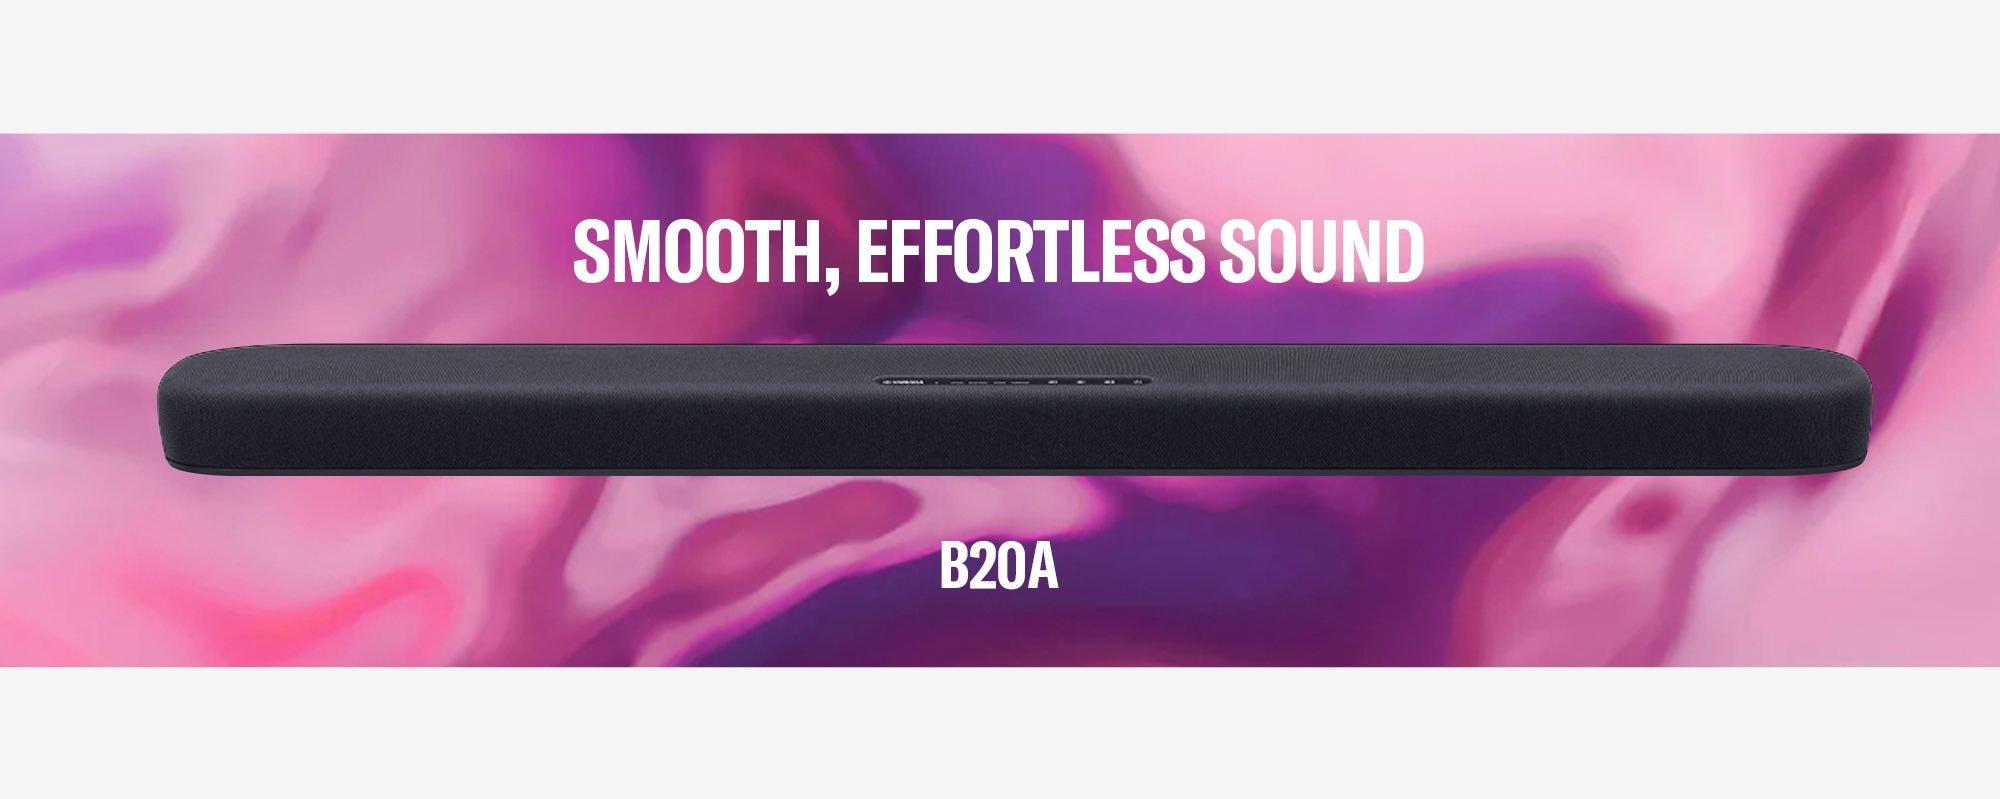 Yamaha SR-B20A B20A Soundbar